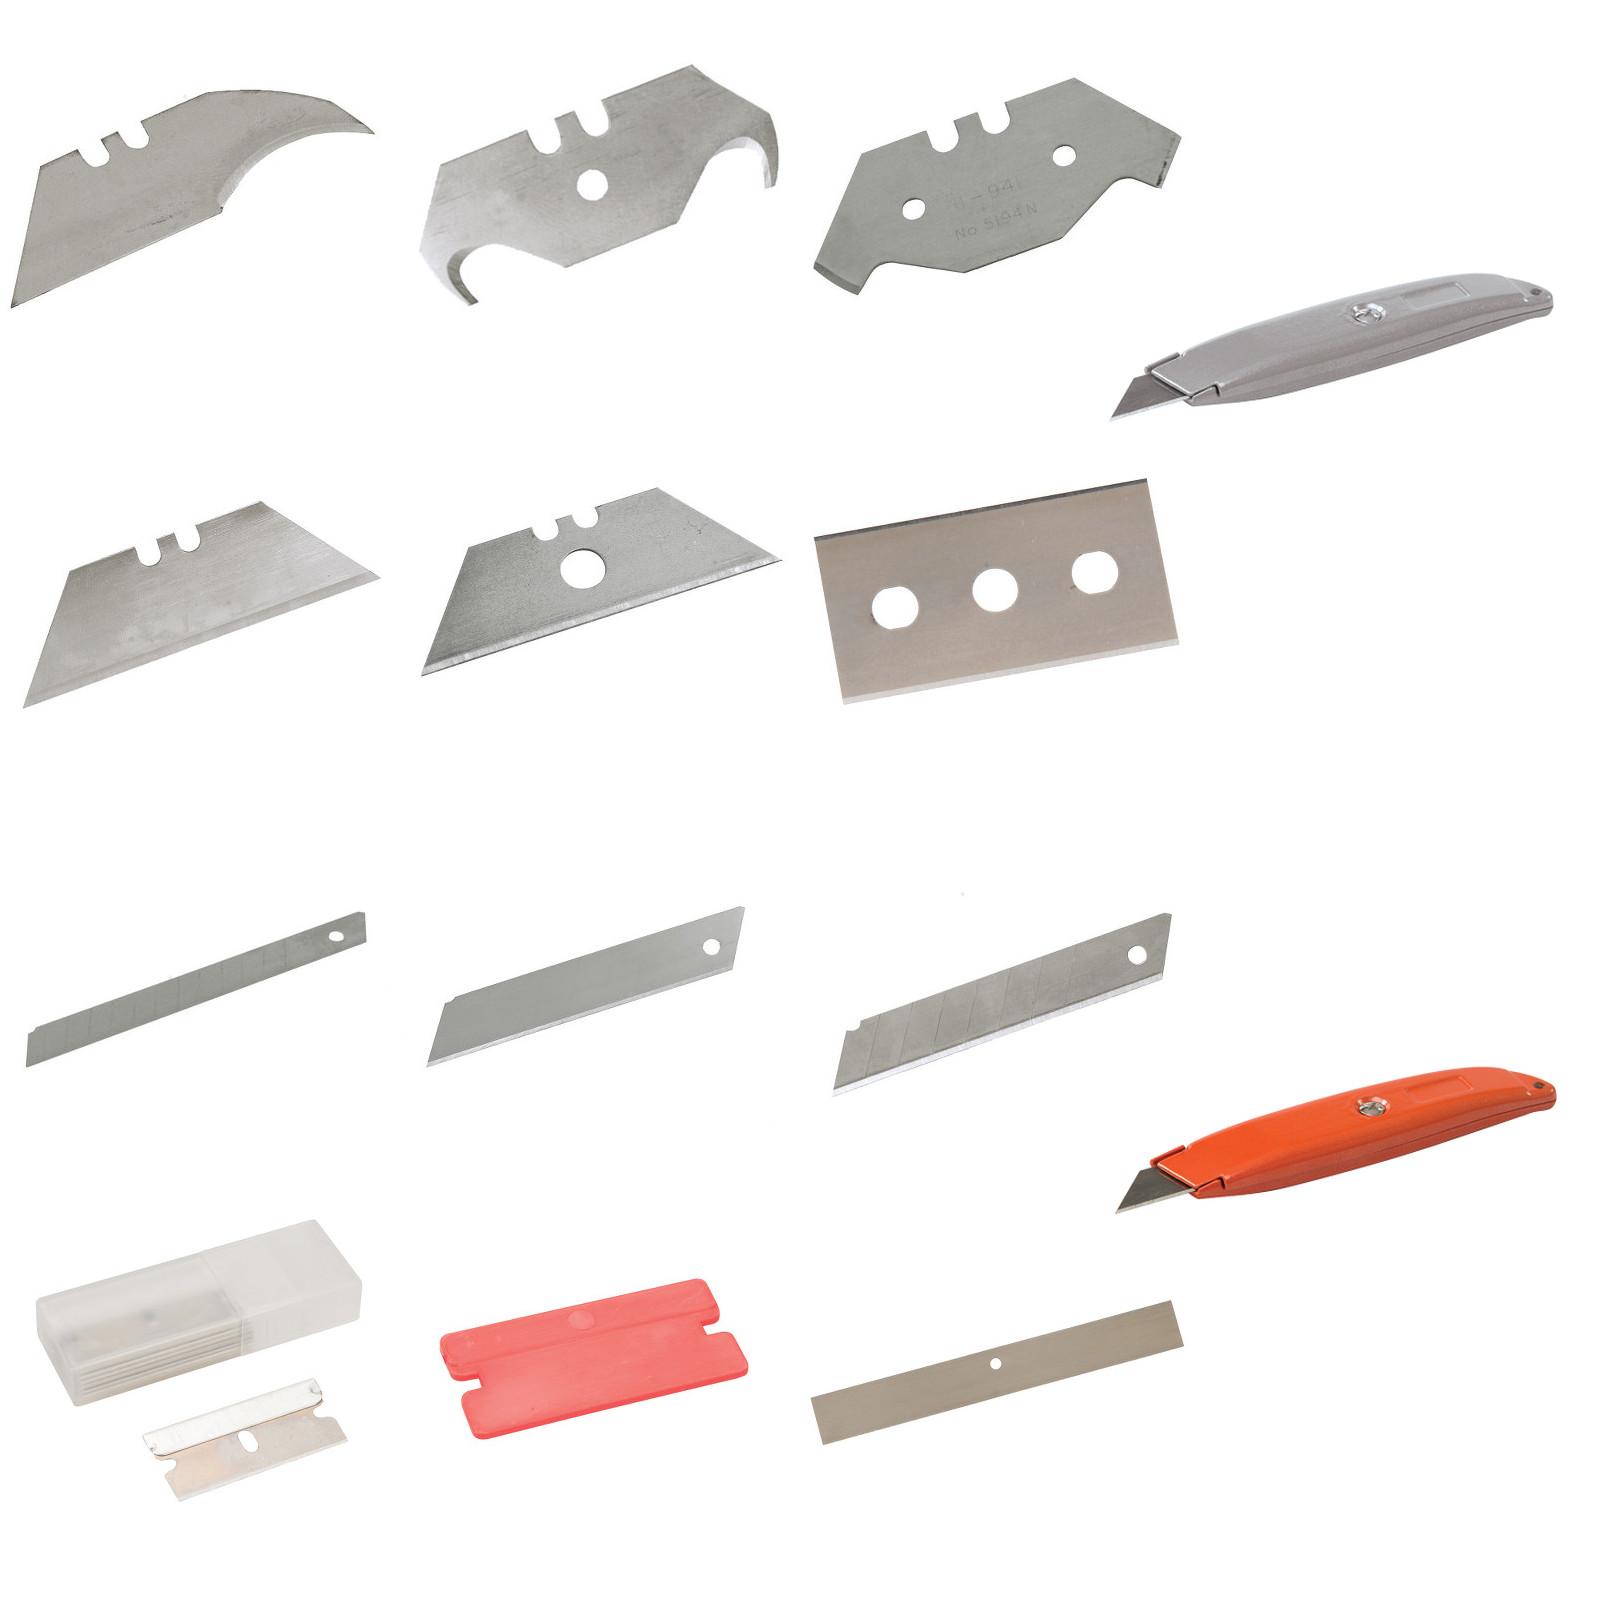 Messer, Klingen & Schaber